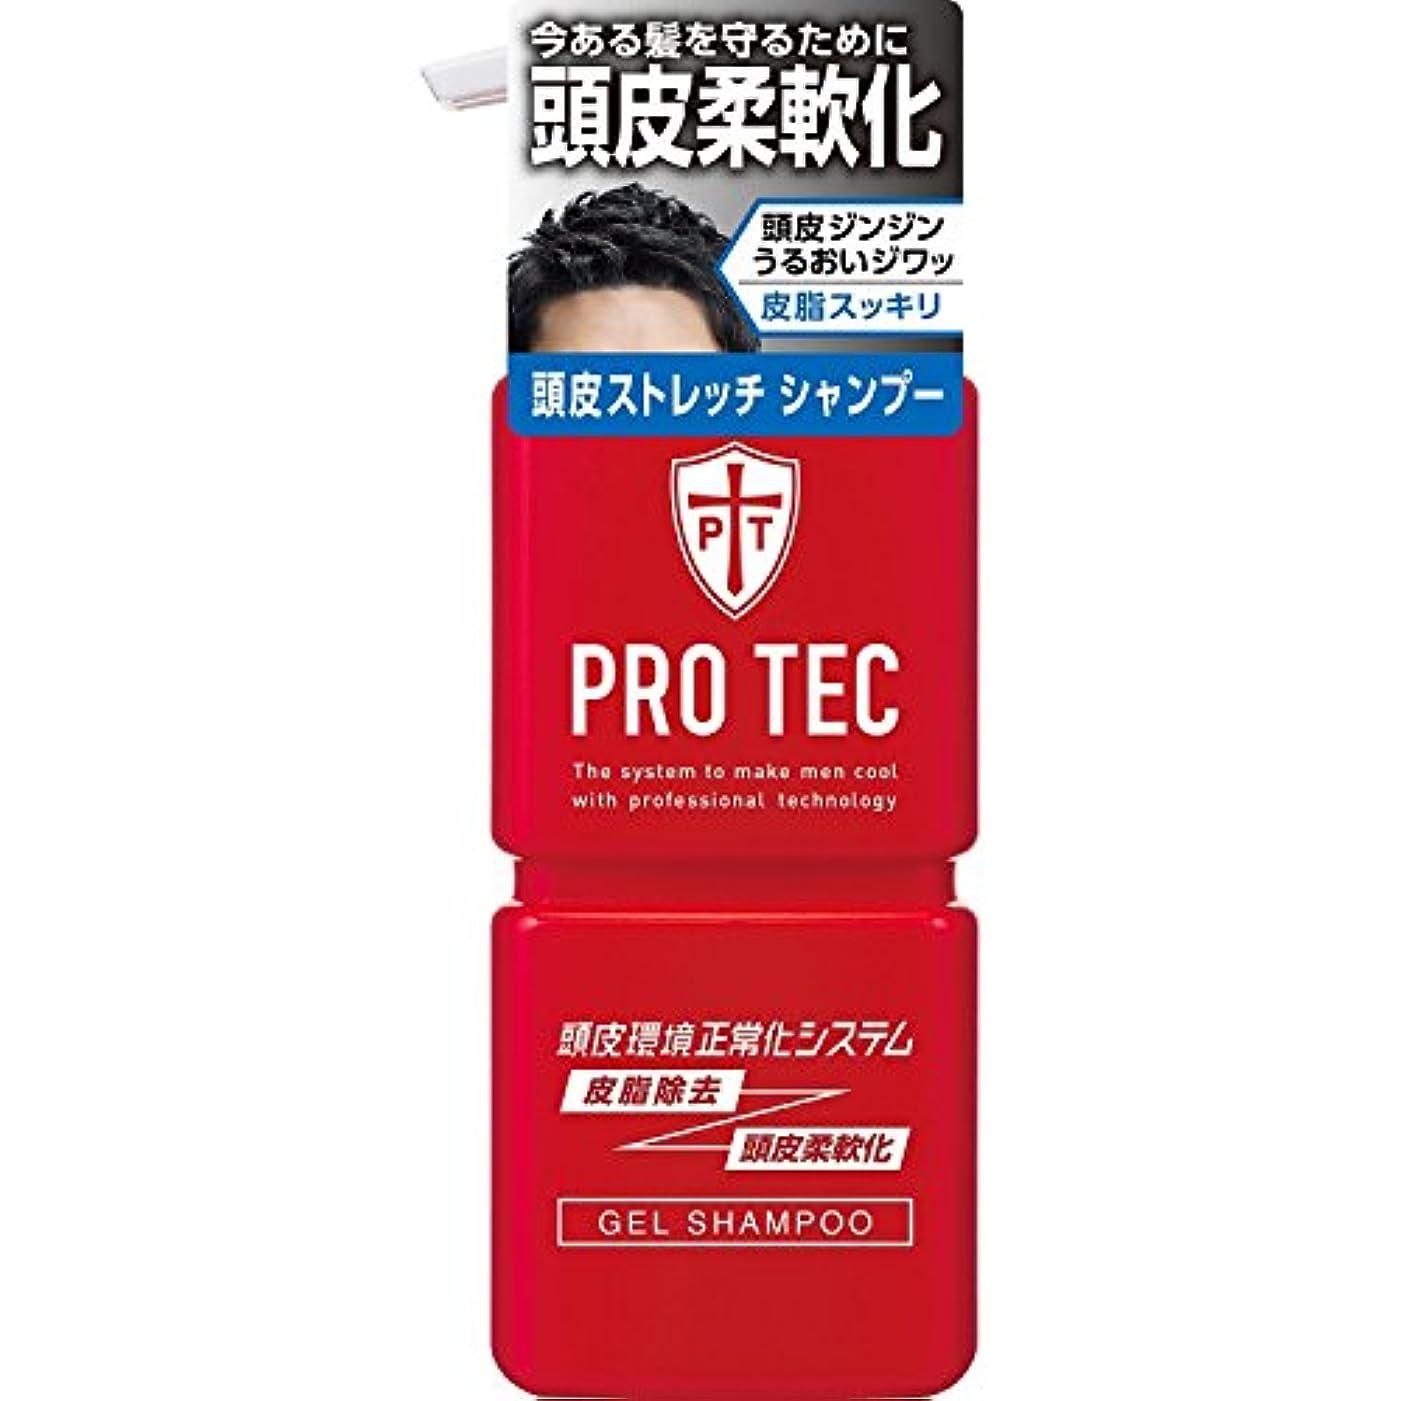 ぐるぐる破裂通訳PRO TEC(プロテク) 頭皮ストレッチ シャンプー 本体ポンプ 300g(医薬部外品)